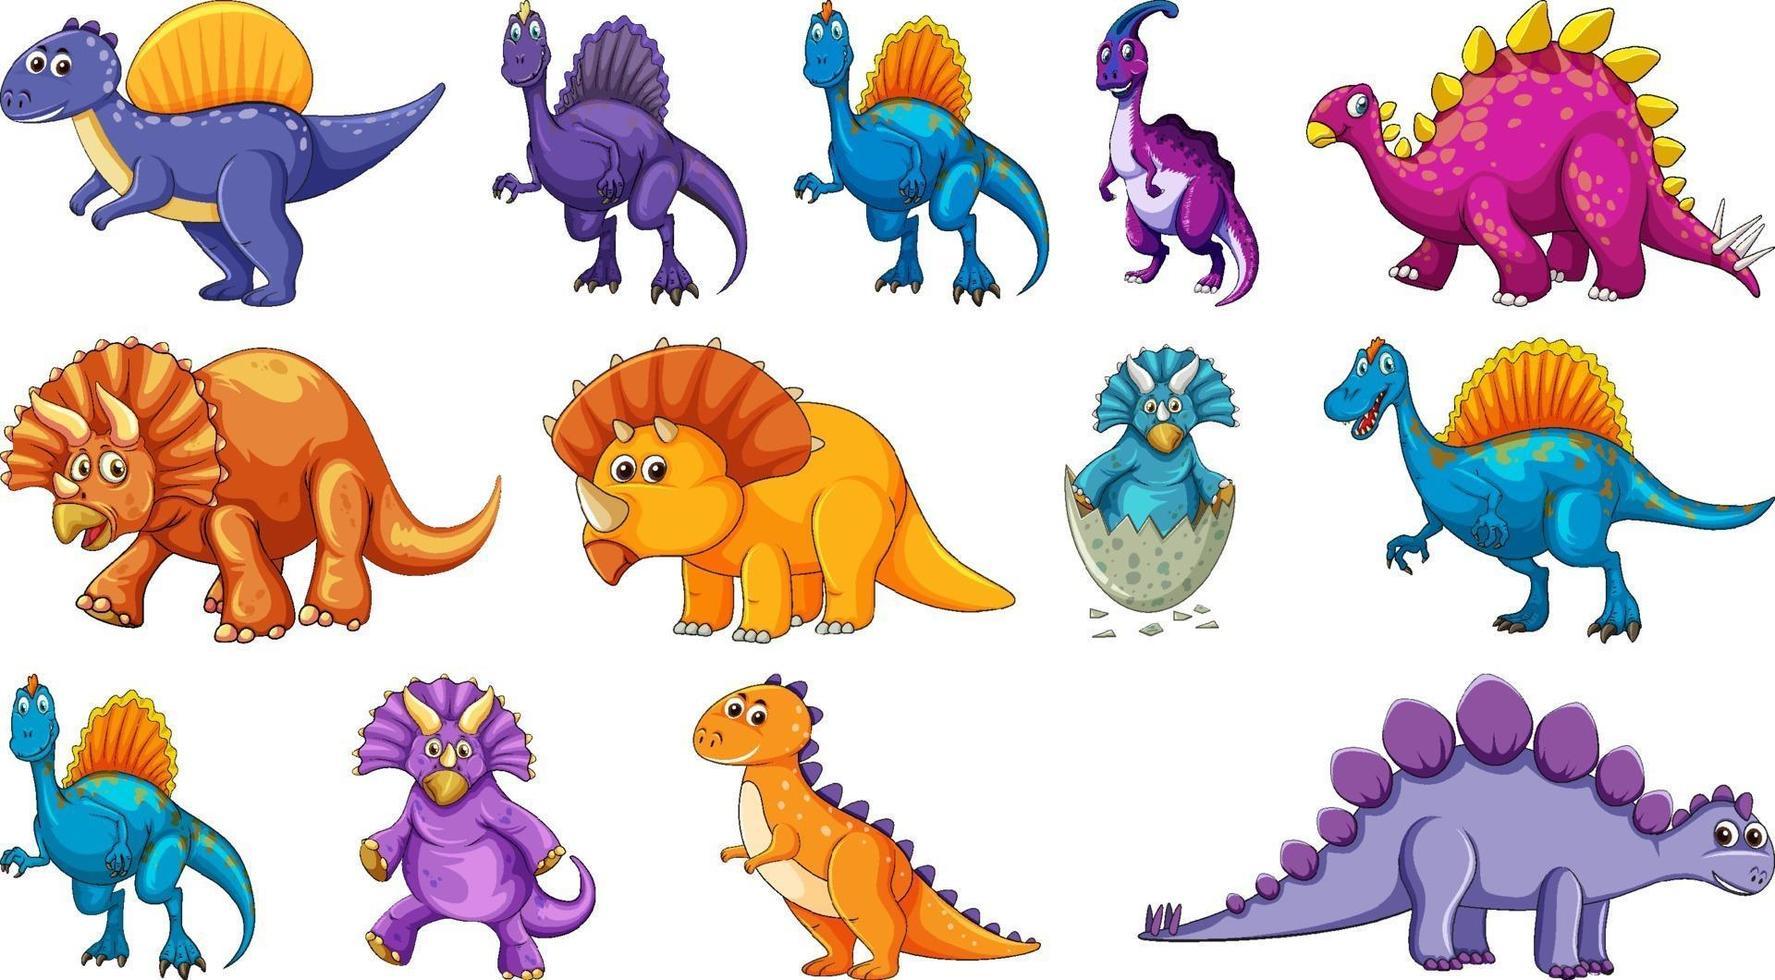 diversi personaggi dei cartoni animati di dinosauri e draghi fantasy isolati vettore